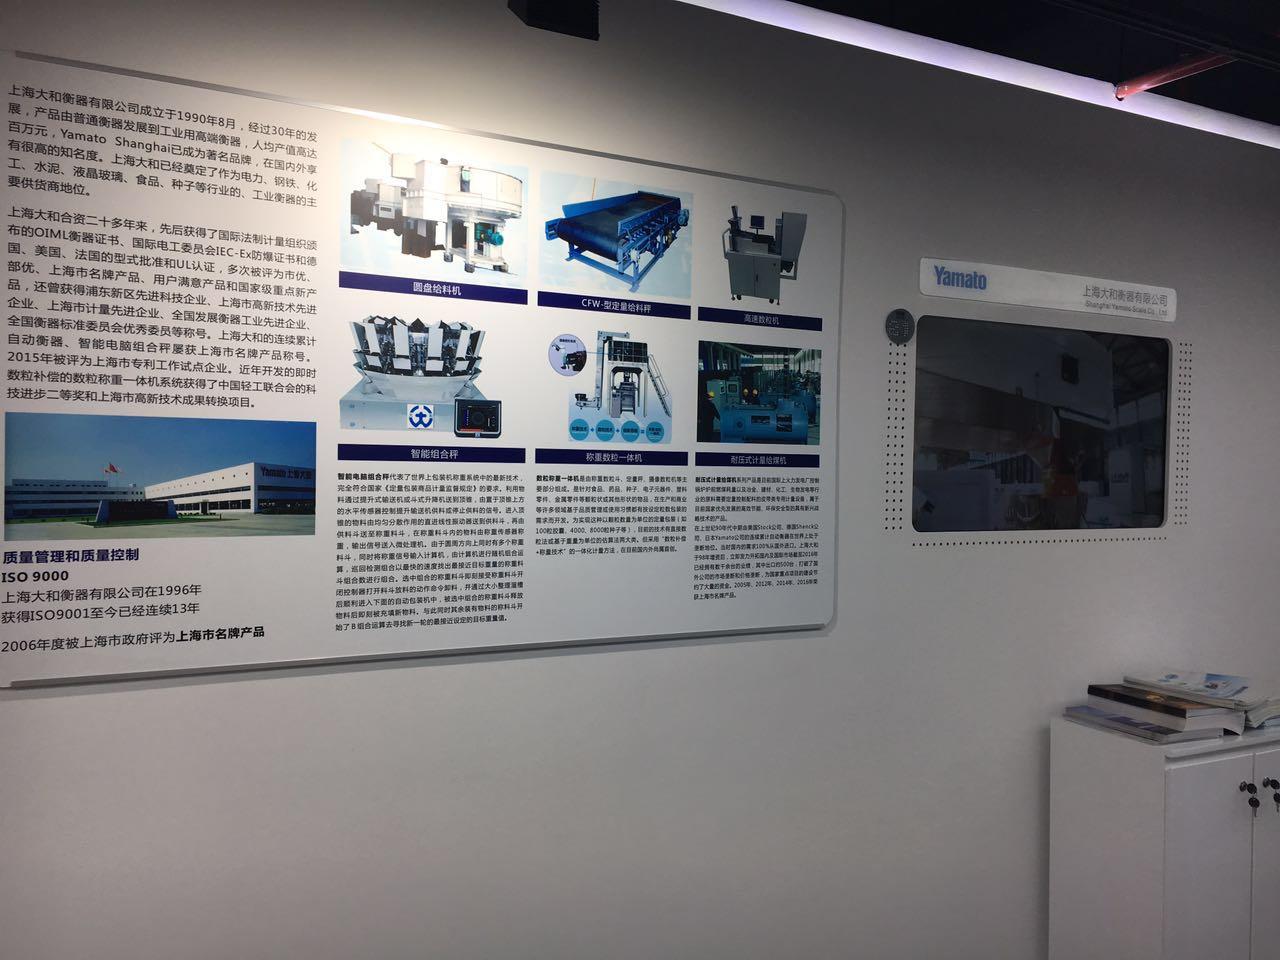 上海大和入住首批临港国际智能制造展示交易中心